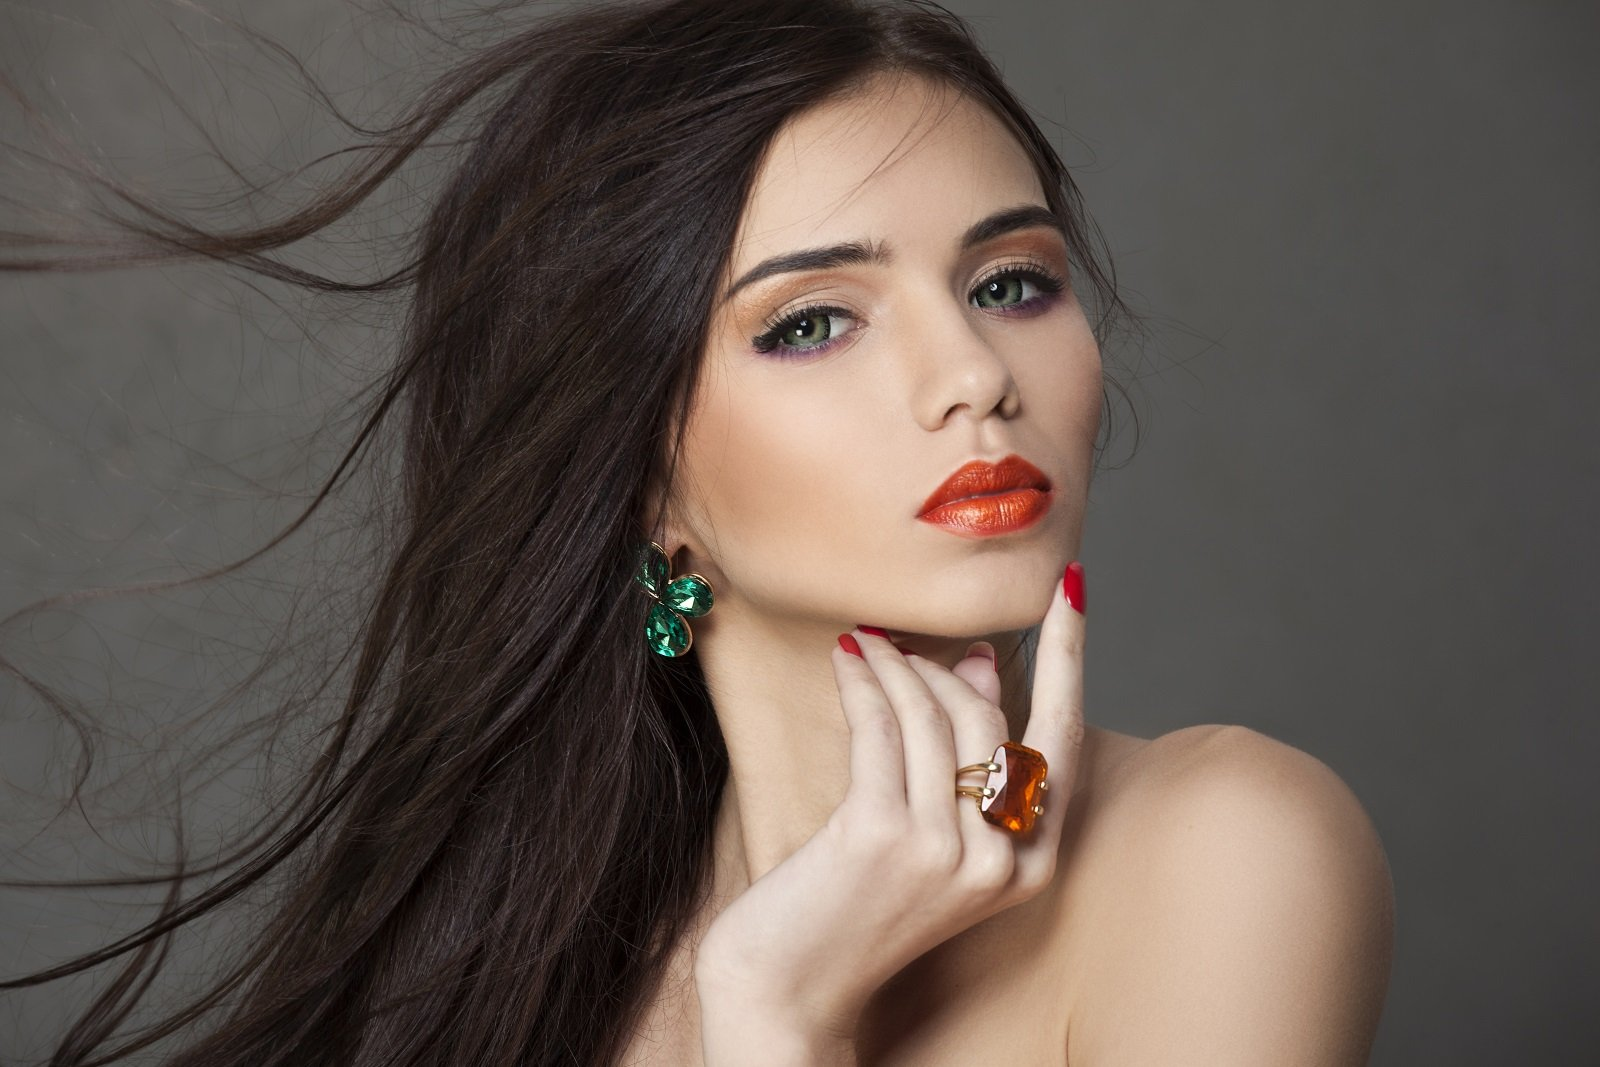 una donna con un orecchino di color verde e un anello con una pietra arancione